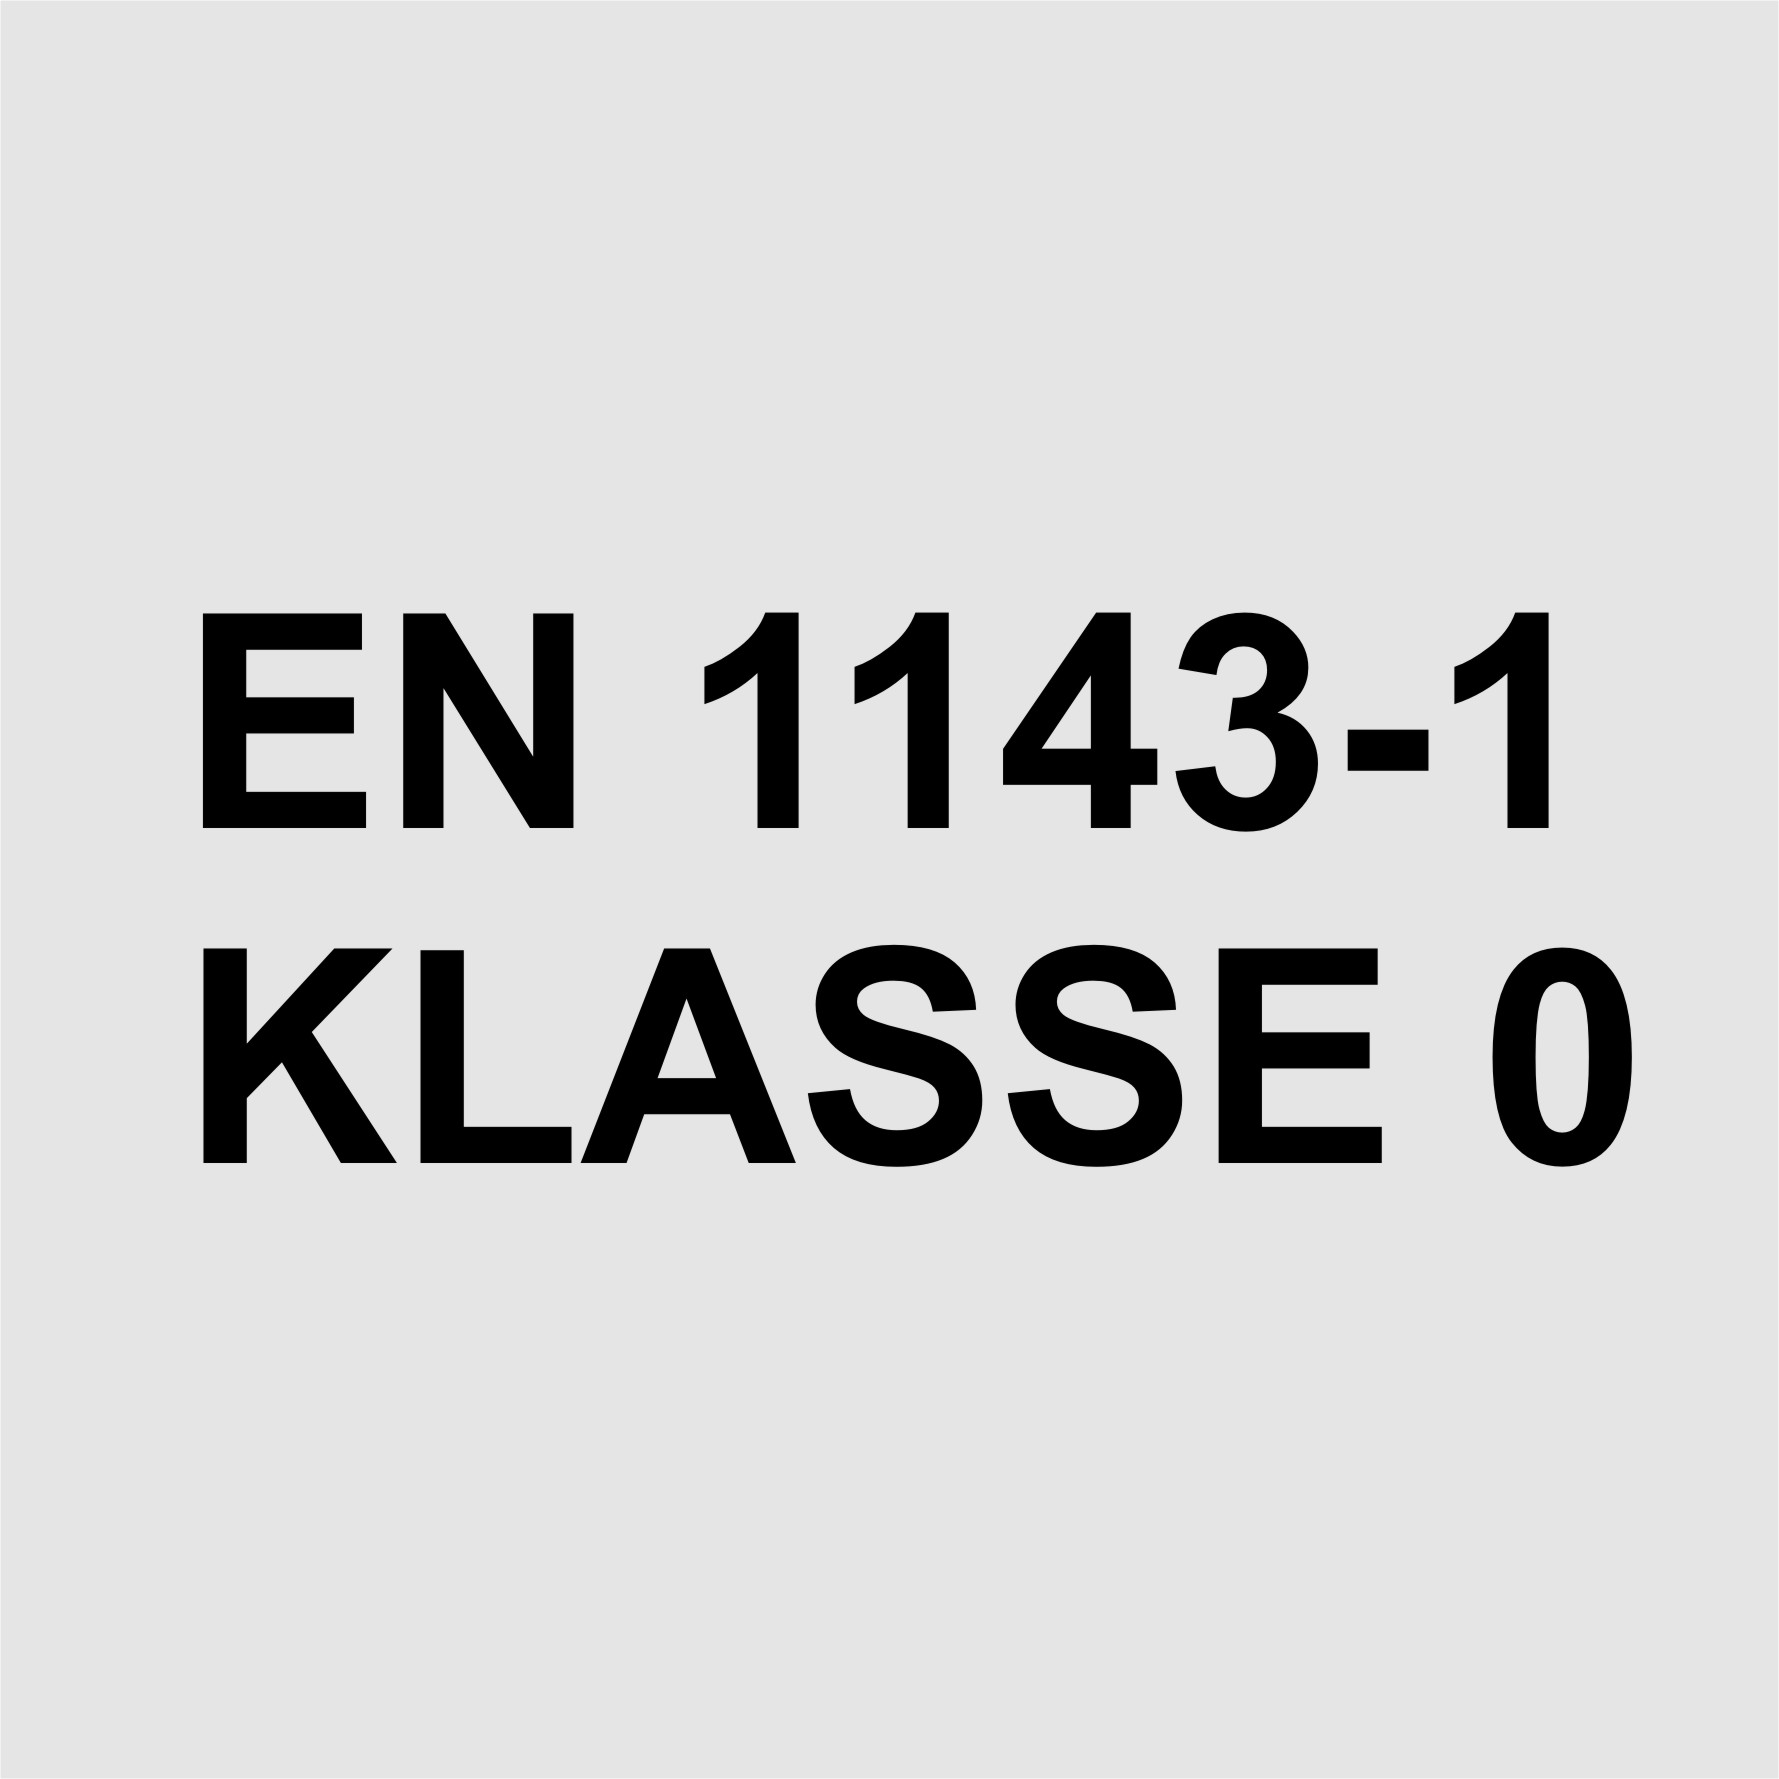 Klasse 0 nach EN 1143-1 1.344,00 €